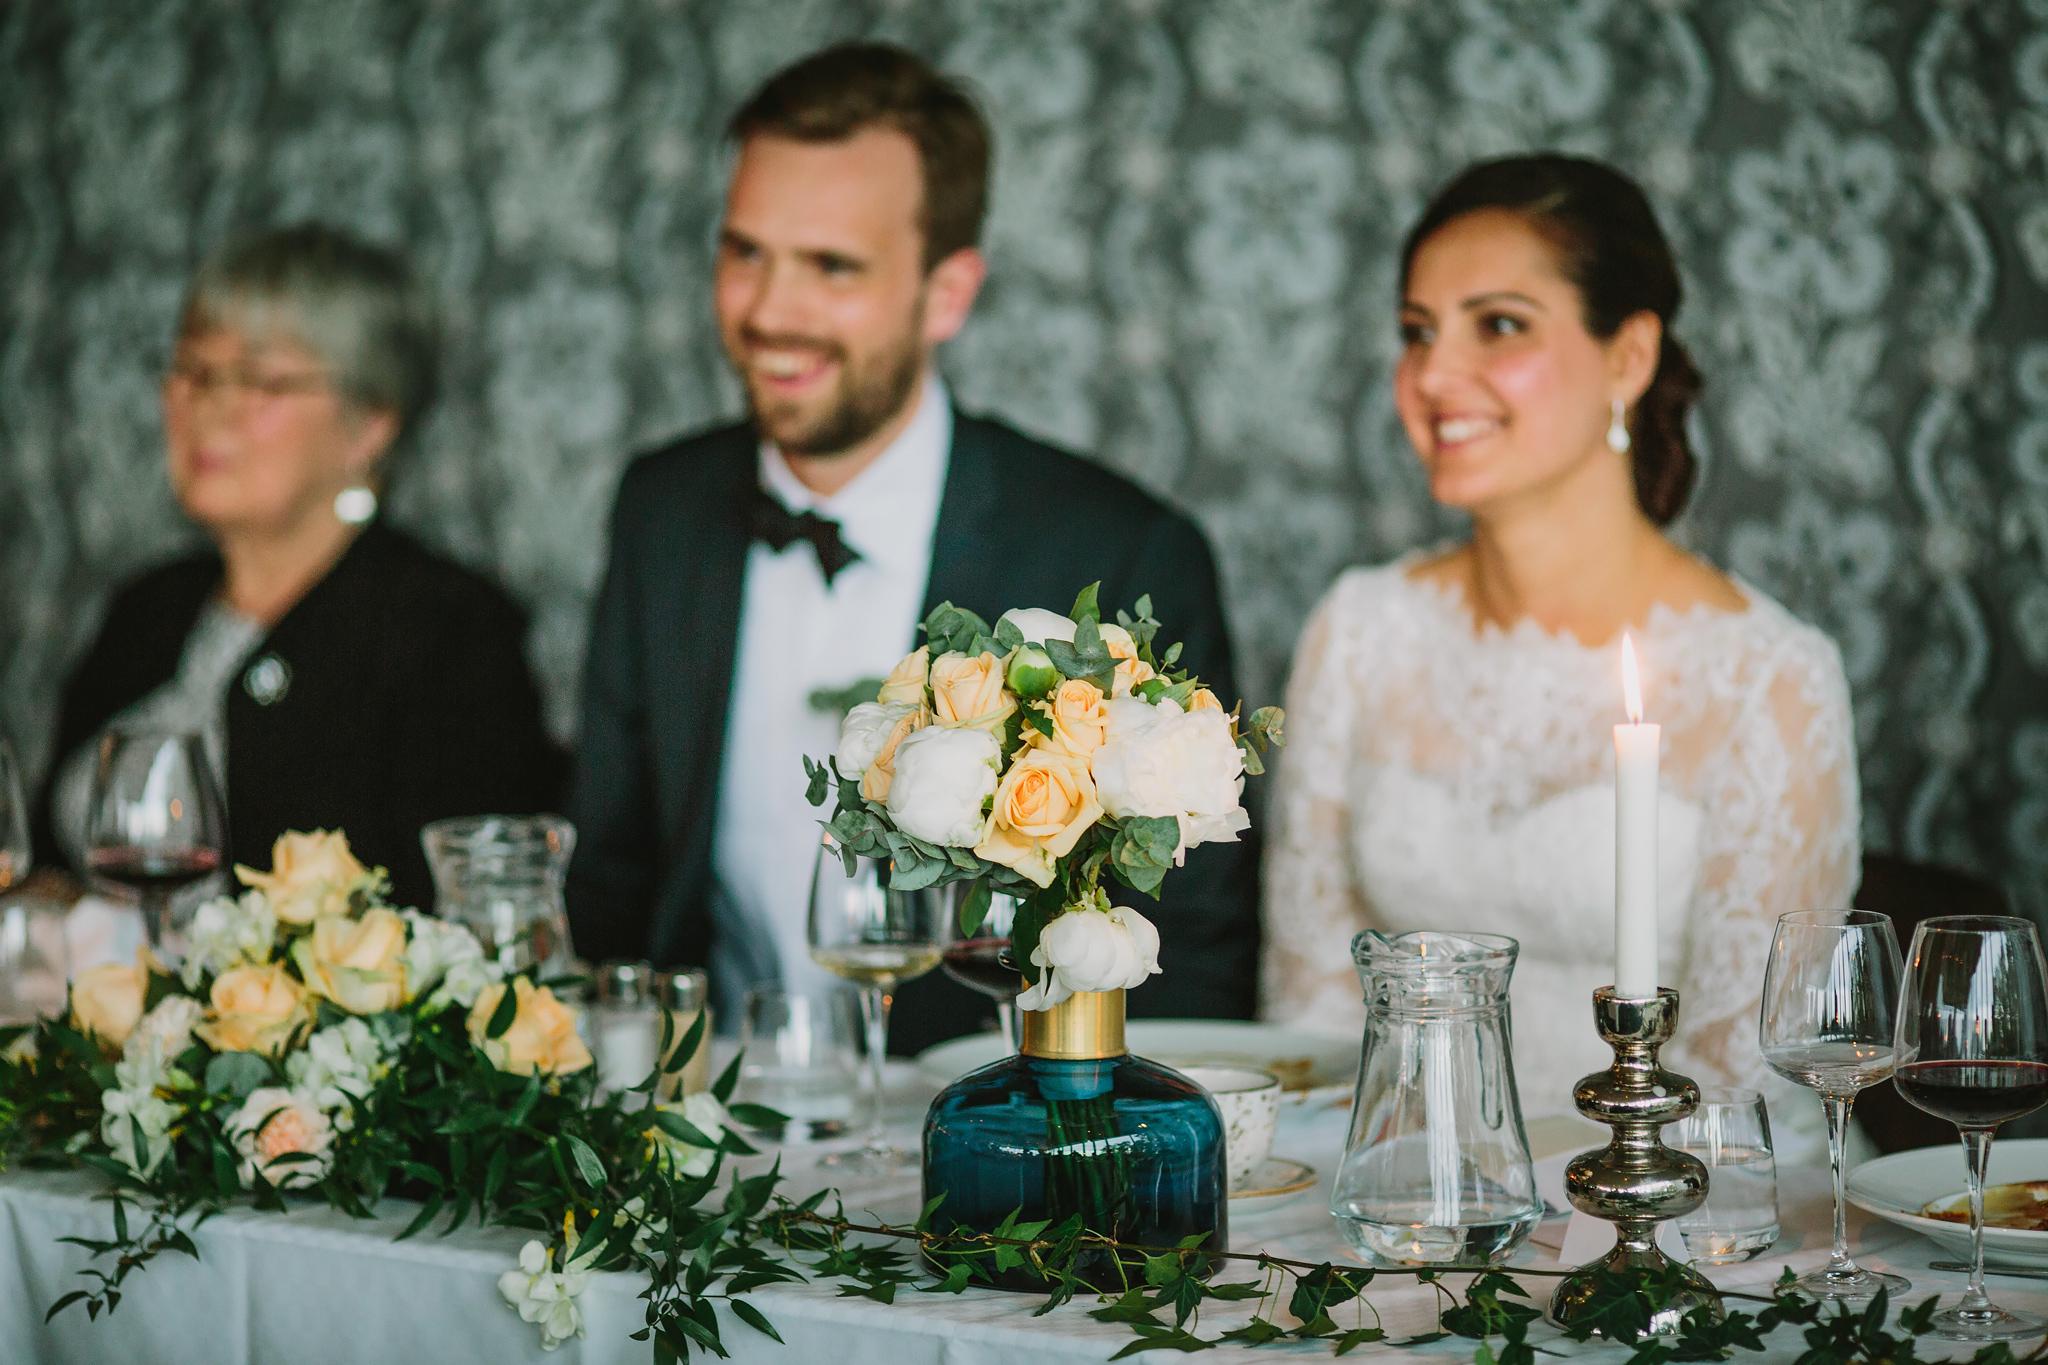 brudbukett mellan paret på bordet under bröllop